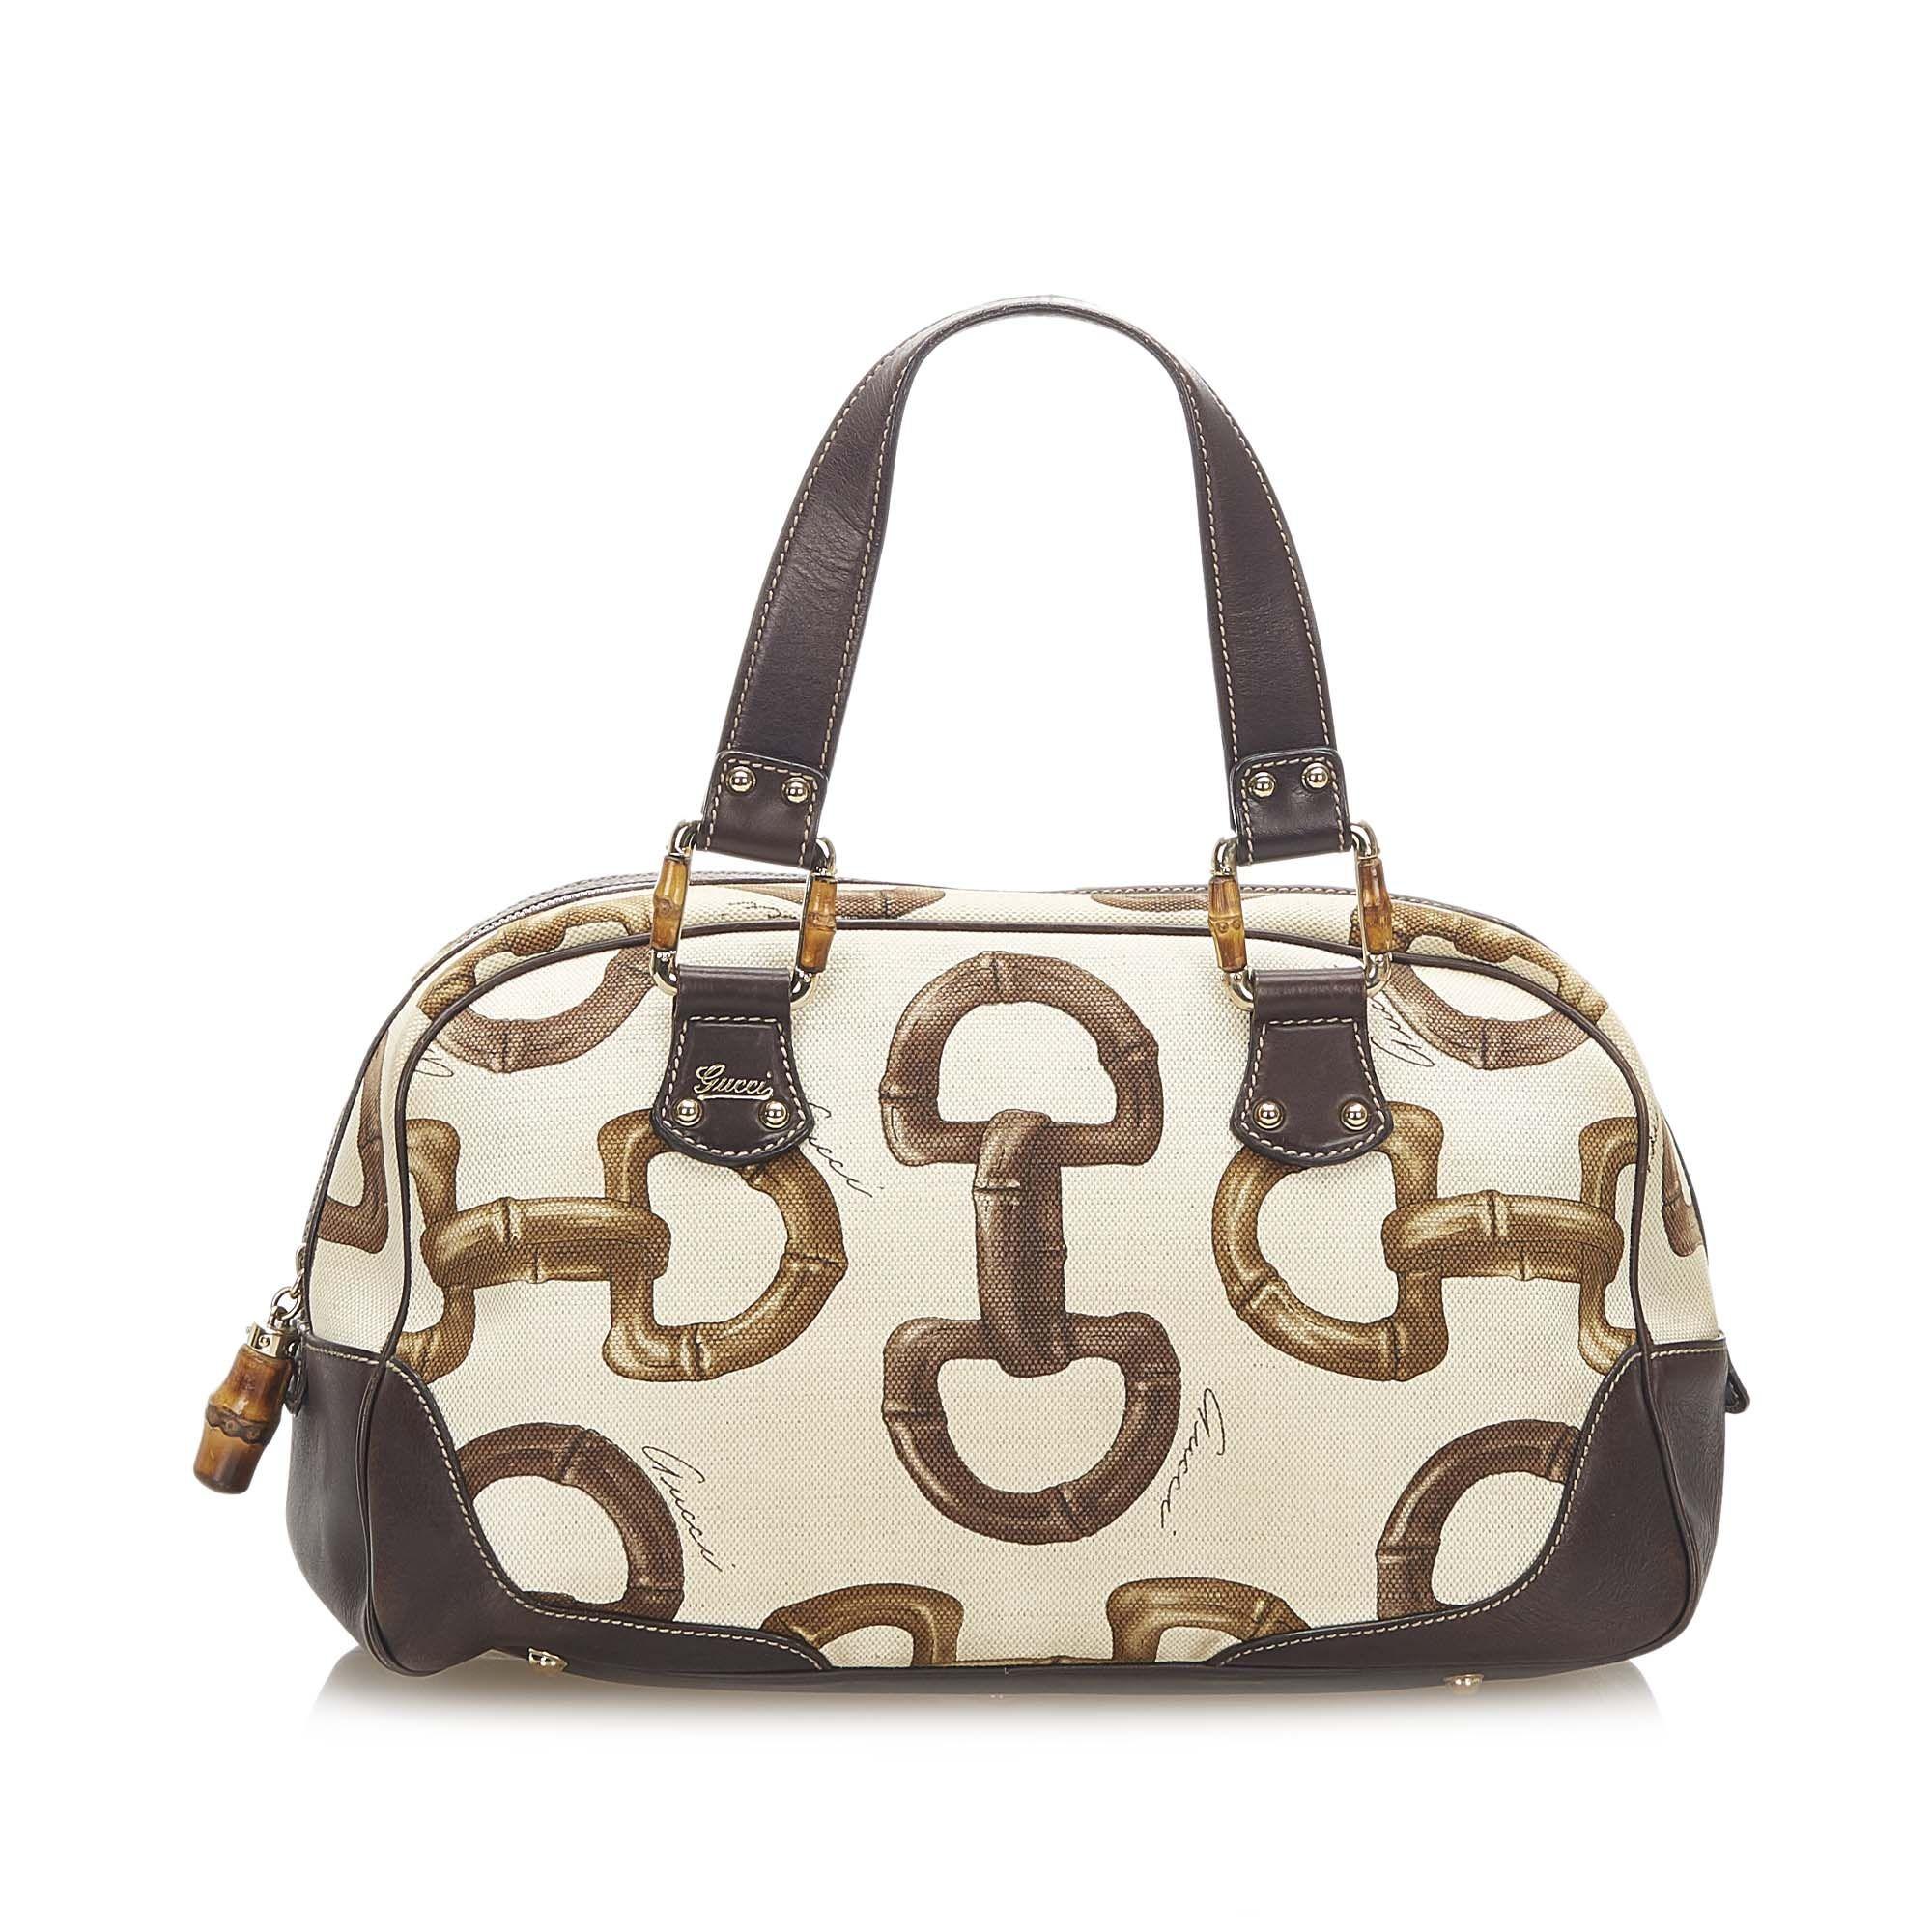 Vintage Gucci Bamboo Horsebit Canvas Handbag White